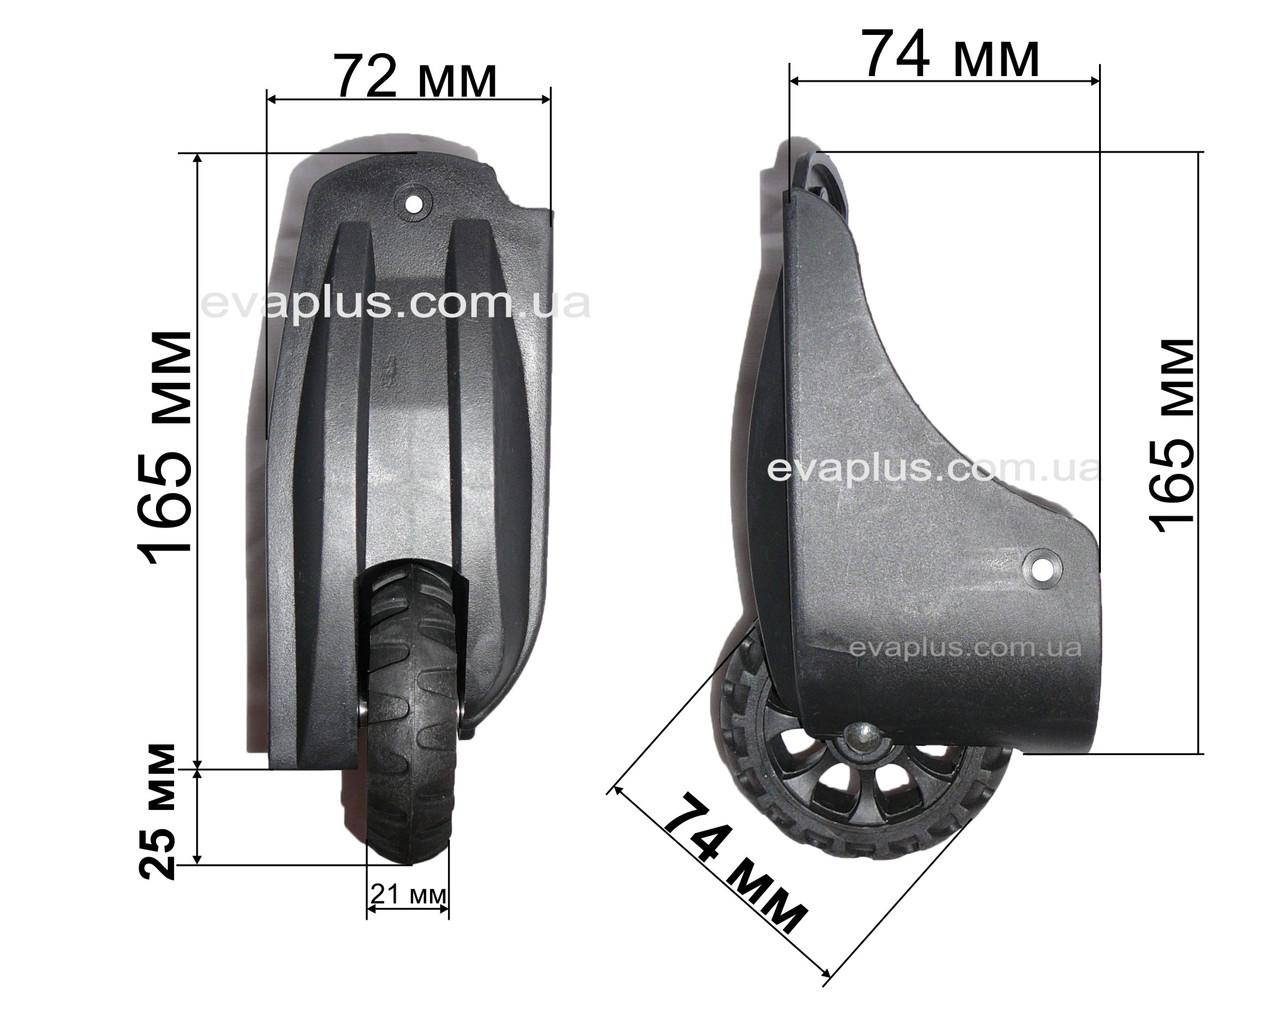 Колеса для чемодана боковые 74 мм. 223 74  заказать, услуга, цена в ... 57514ea700d